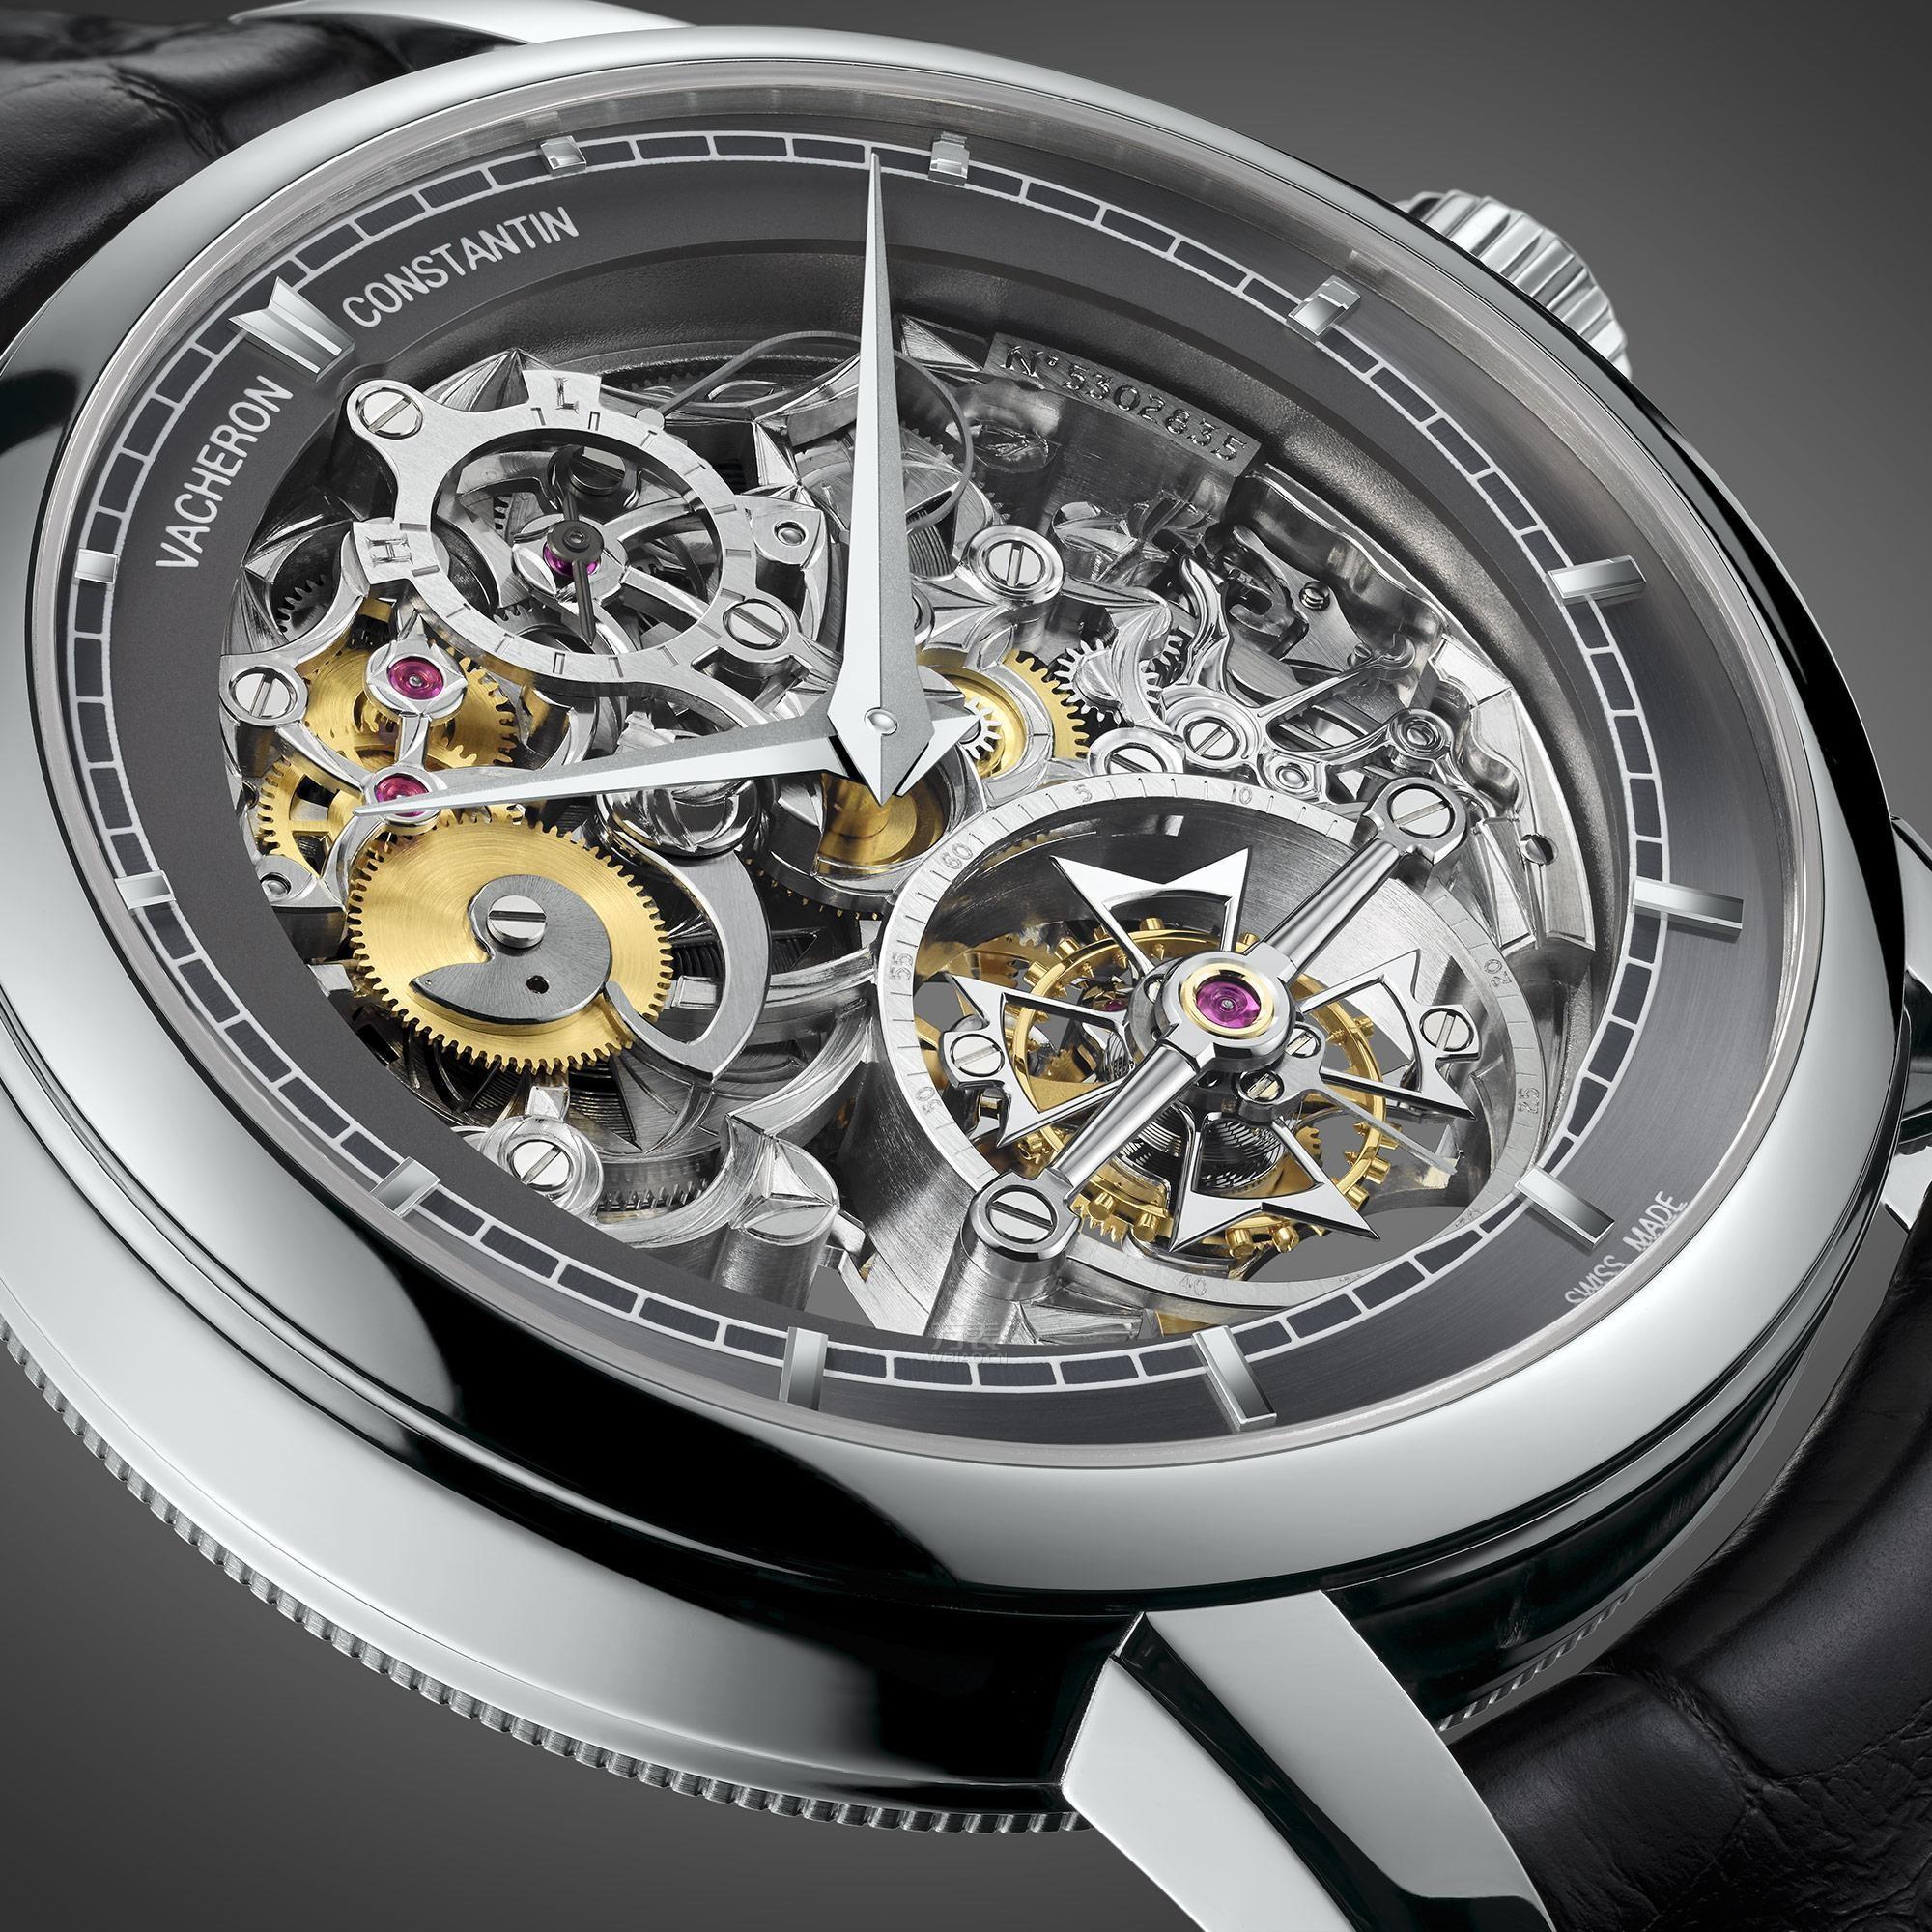 内瓦国际高级钟表展 江诗丹顿镂雕14天动力储存陀飞轮